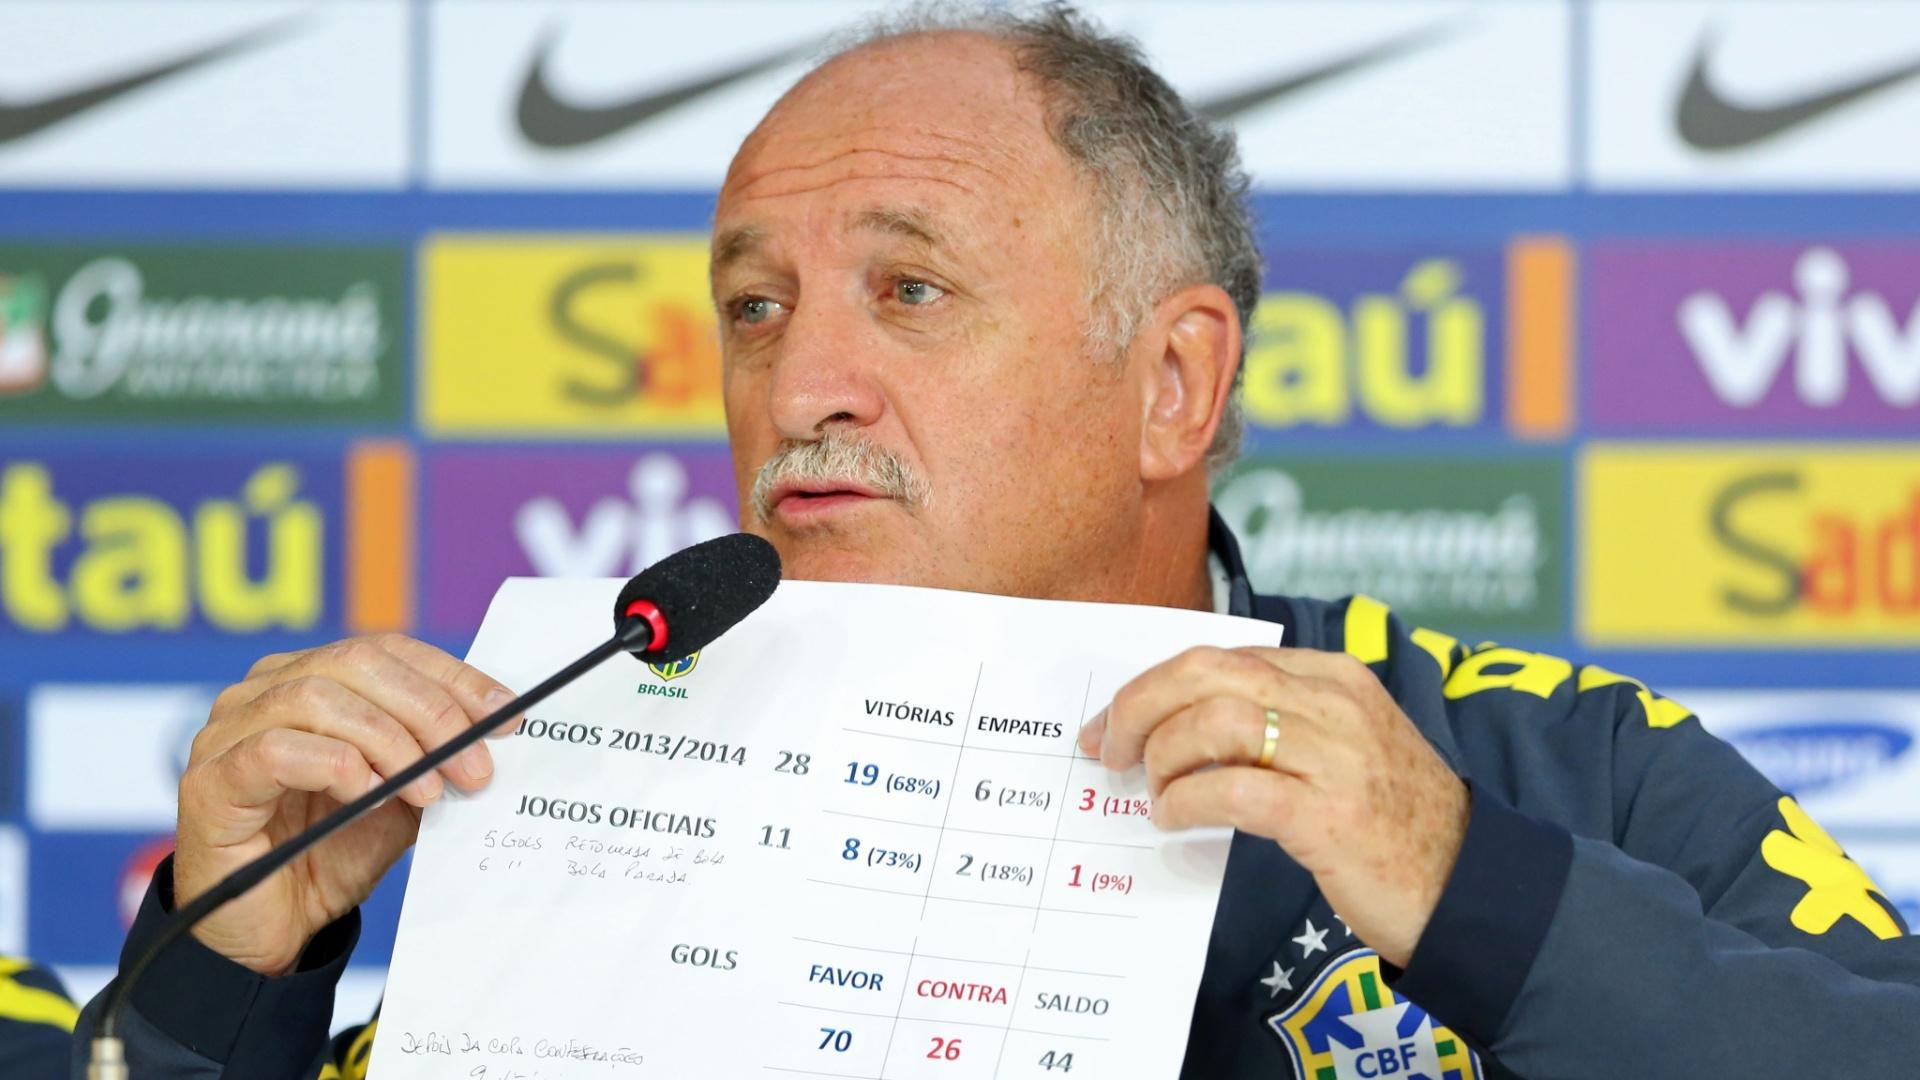 09-07-2014 - Felipão exibiu levantamento para defender seu trabalho à frente da seleção brasileira